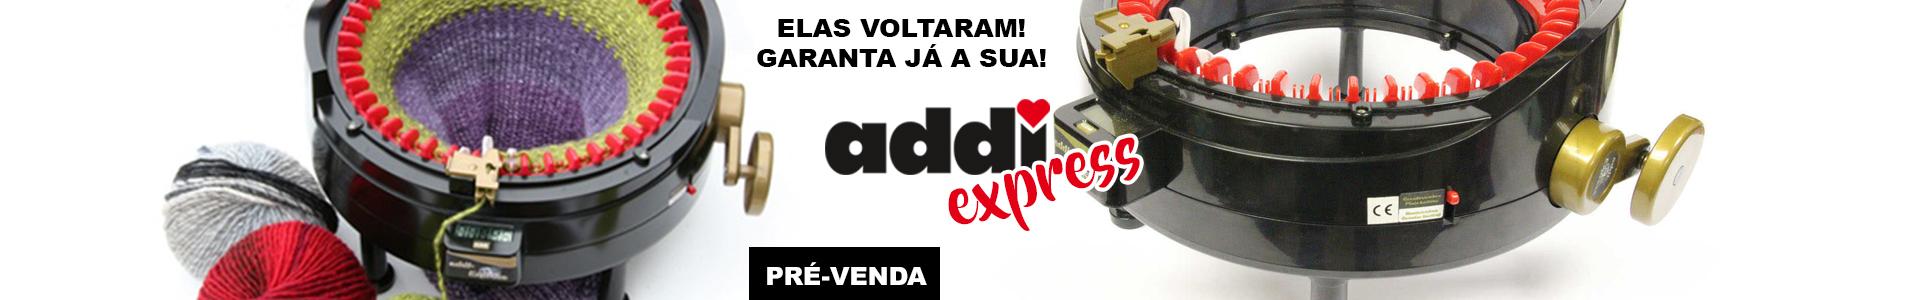 Pré Venda Addi Express